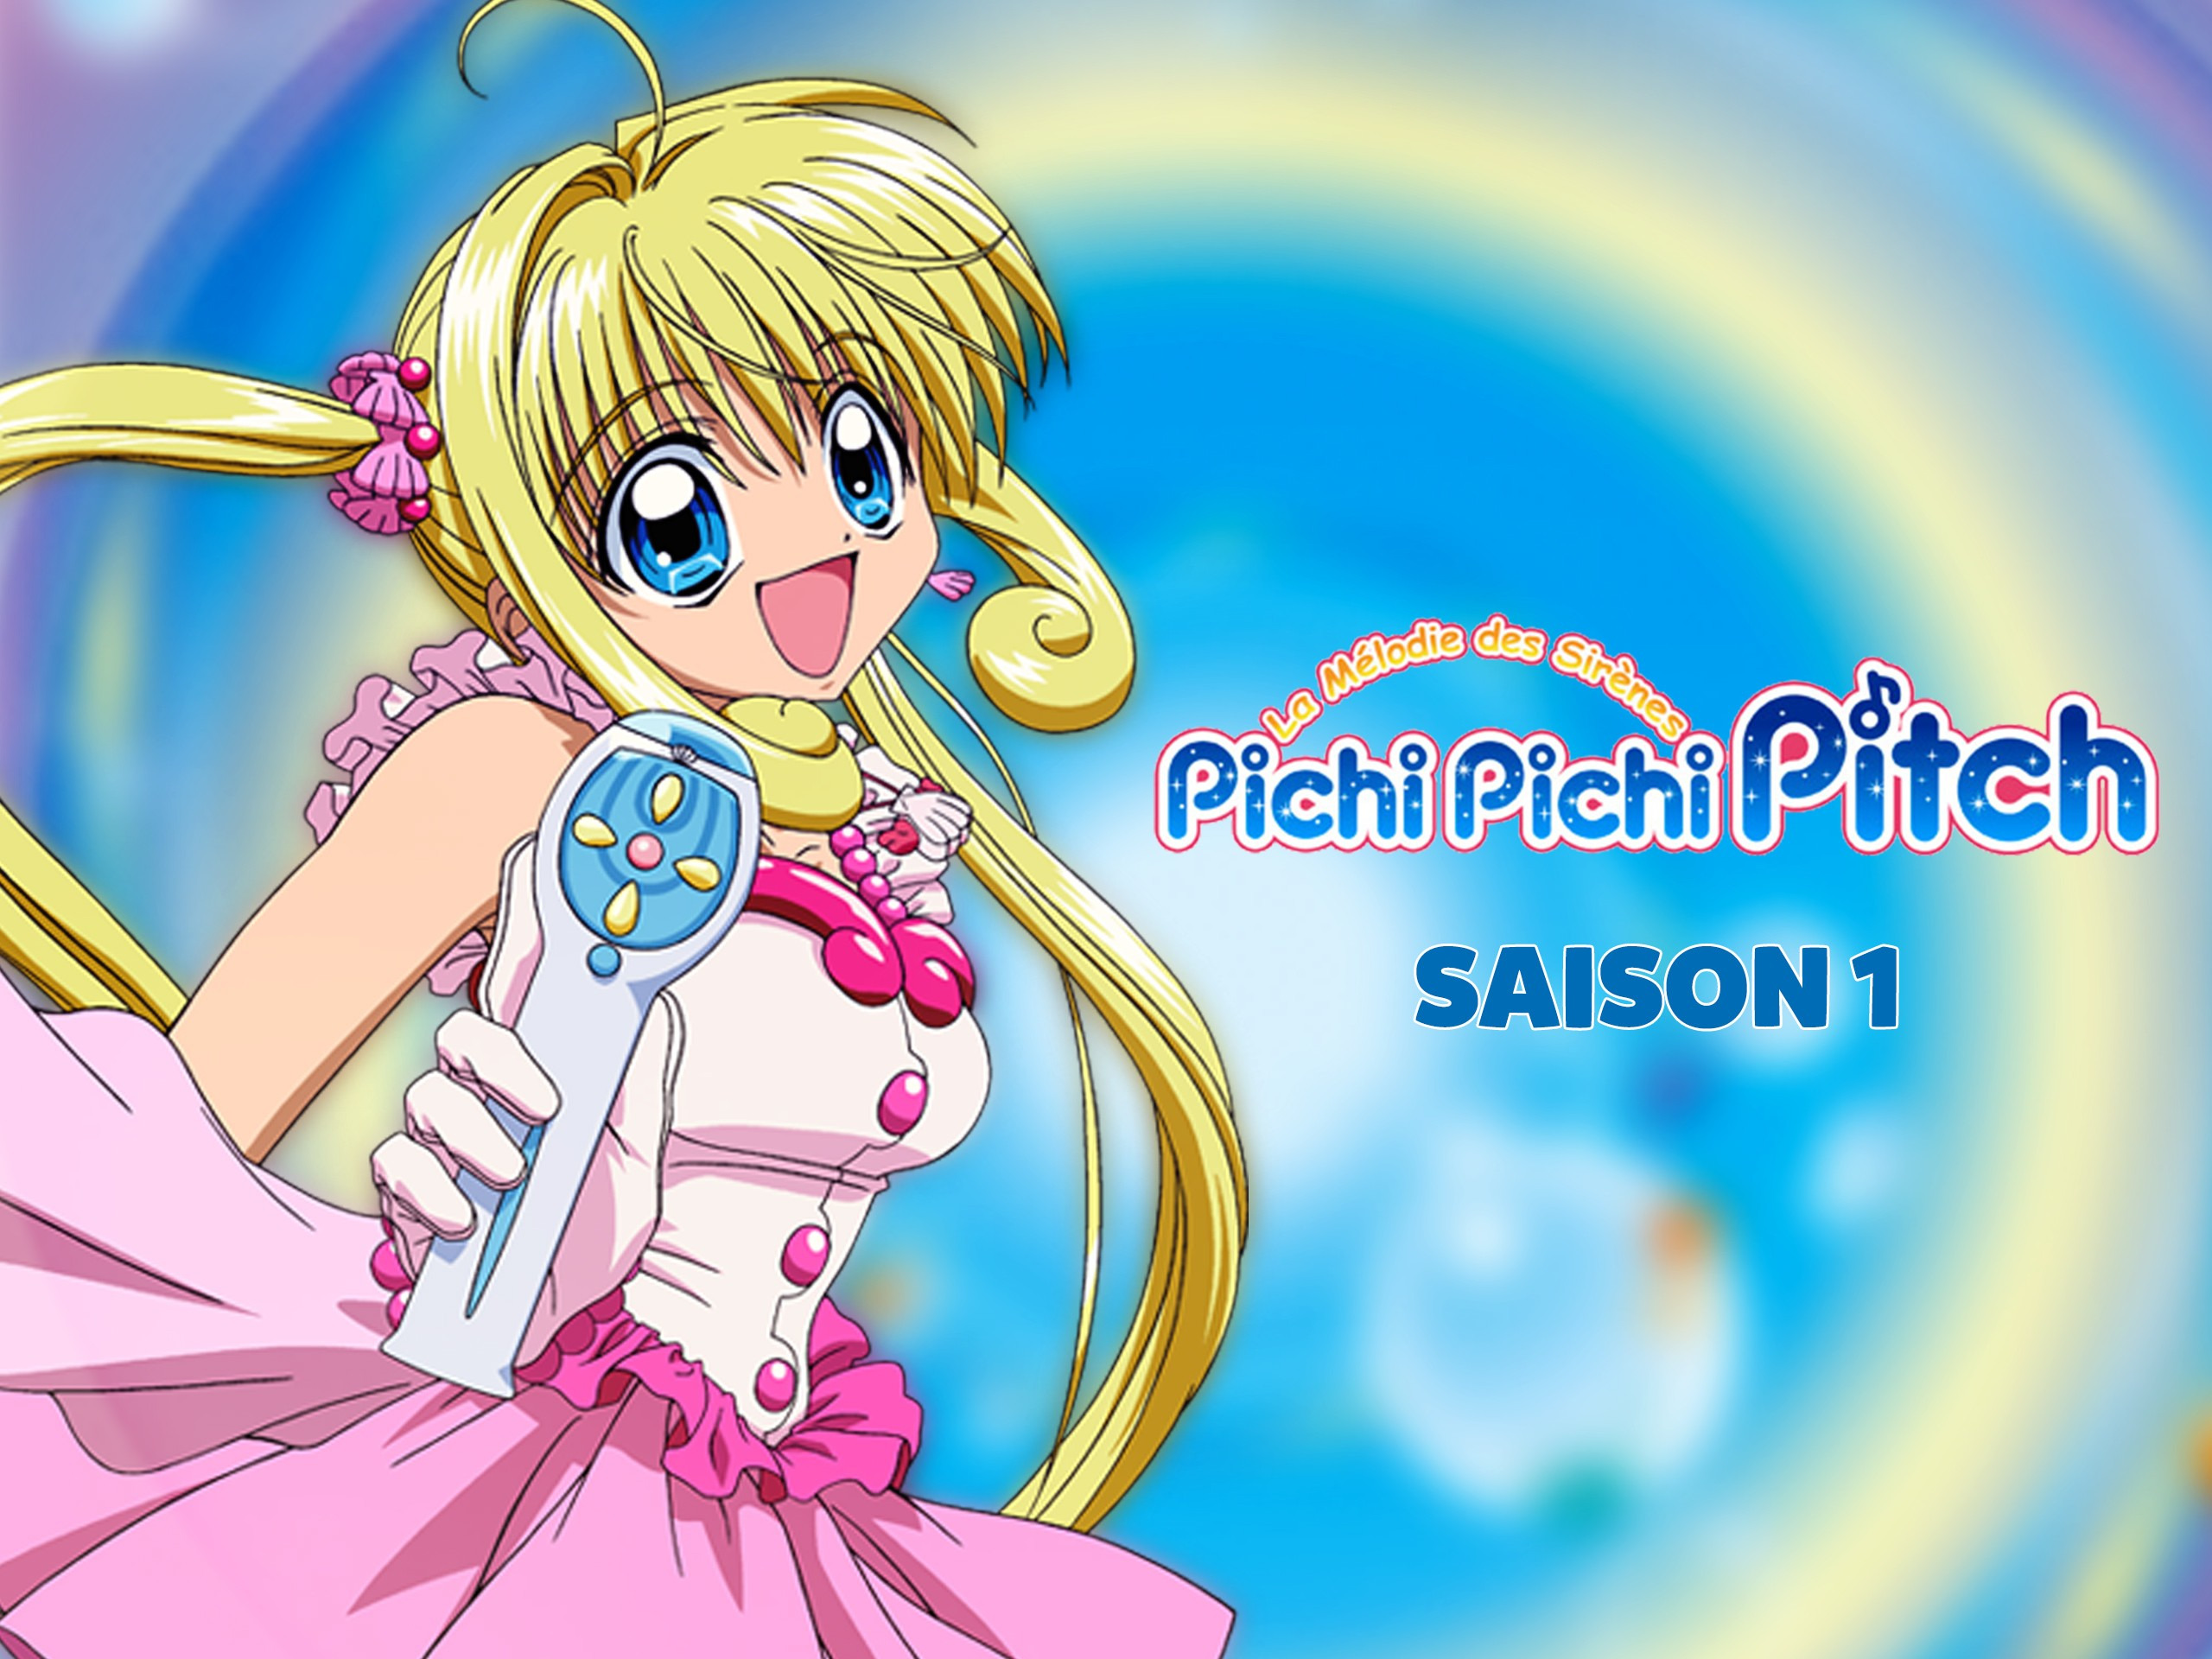 Prime Video Pichi Pichi Pitch Pure Saison 2